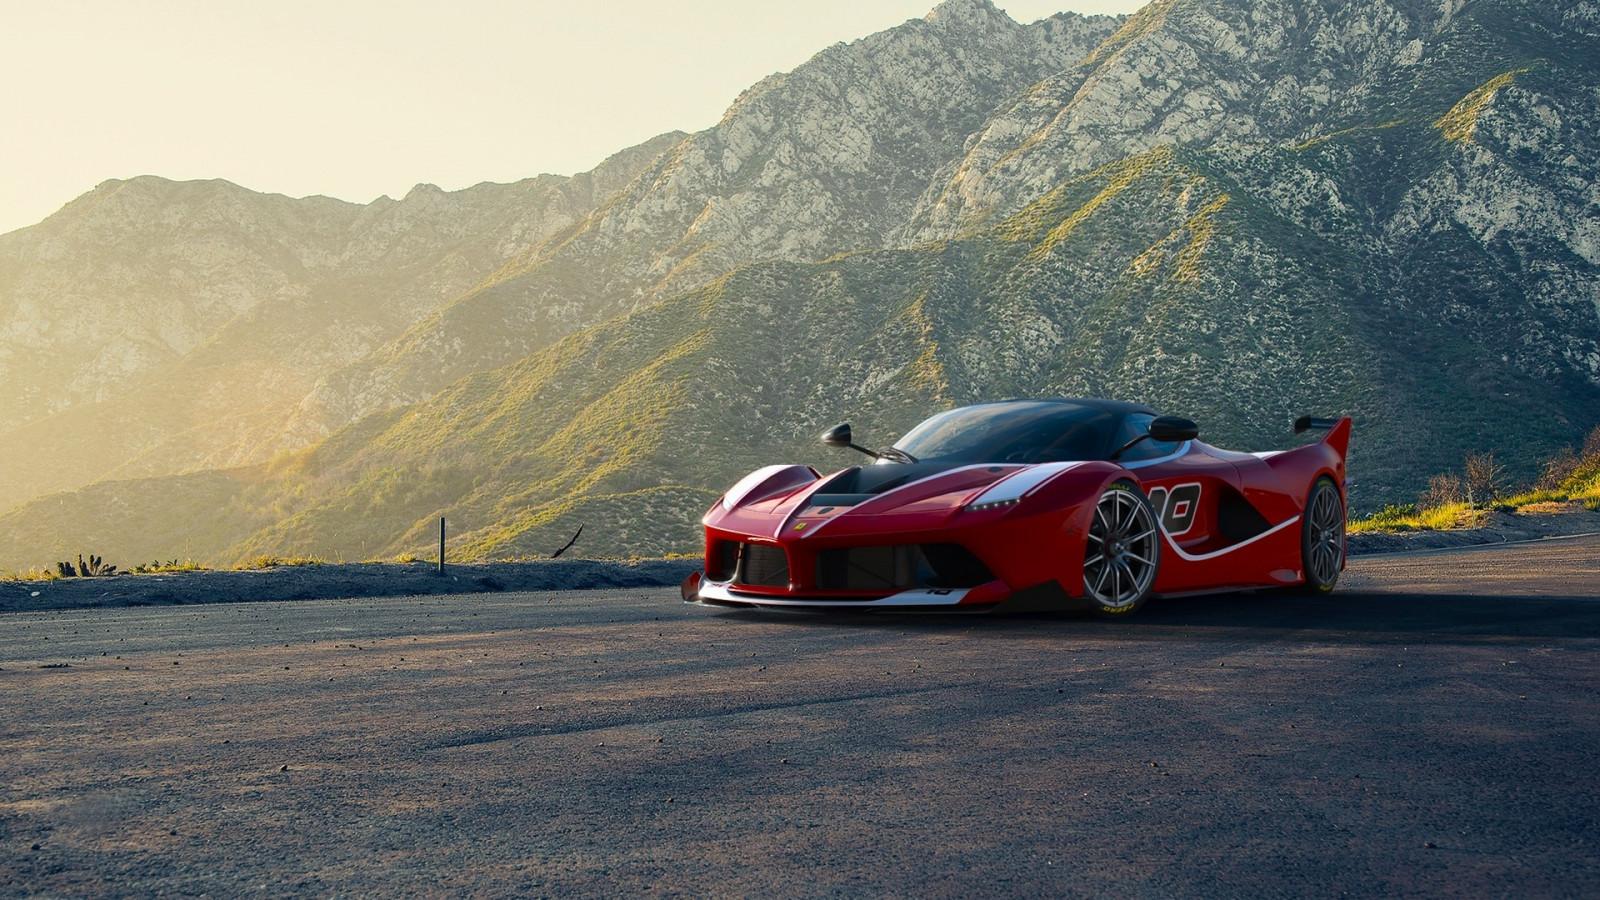 Wallpaper : Ferrari, supercar, sports car, red, mountains ...